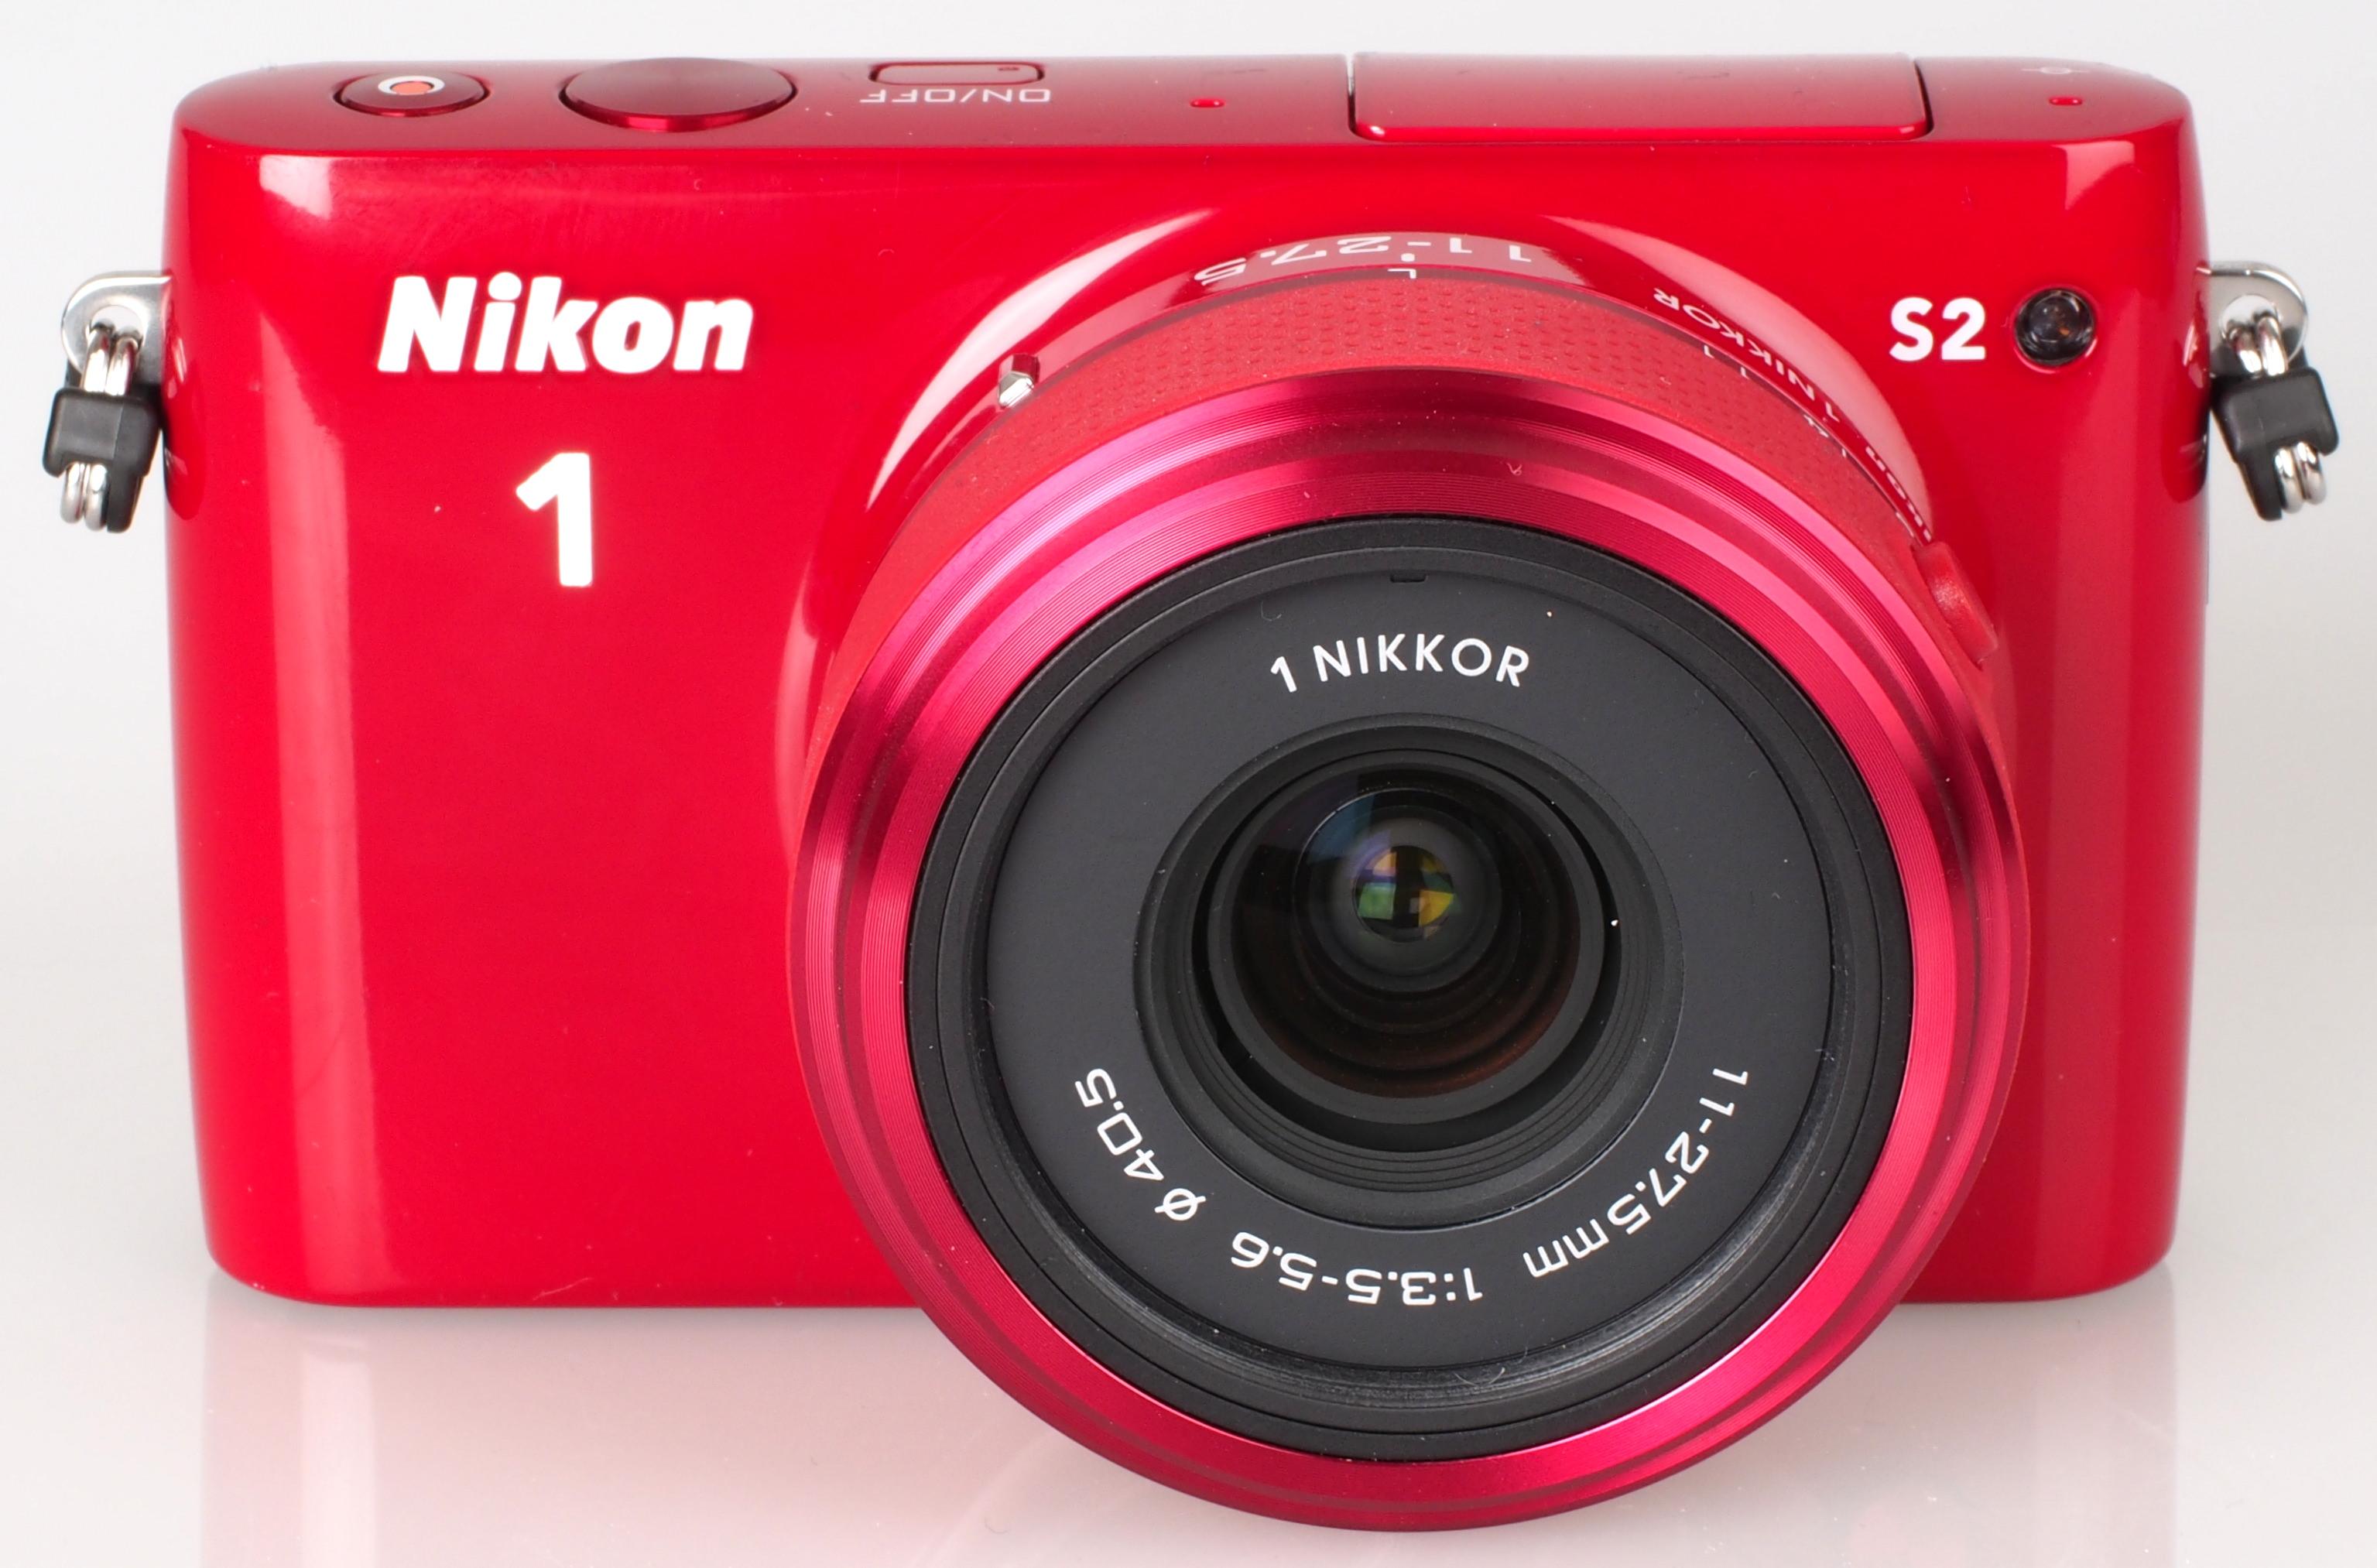 Nikon 1 S2 Camera Last